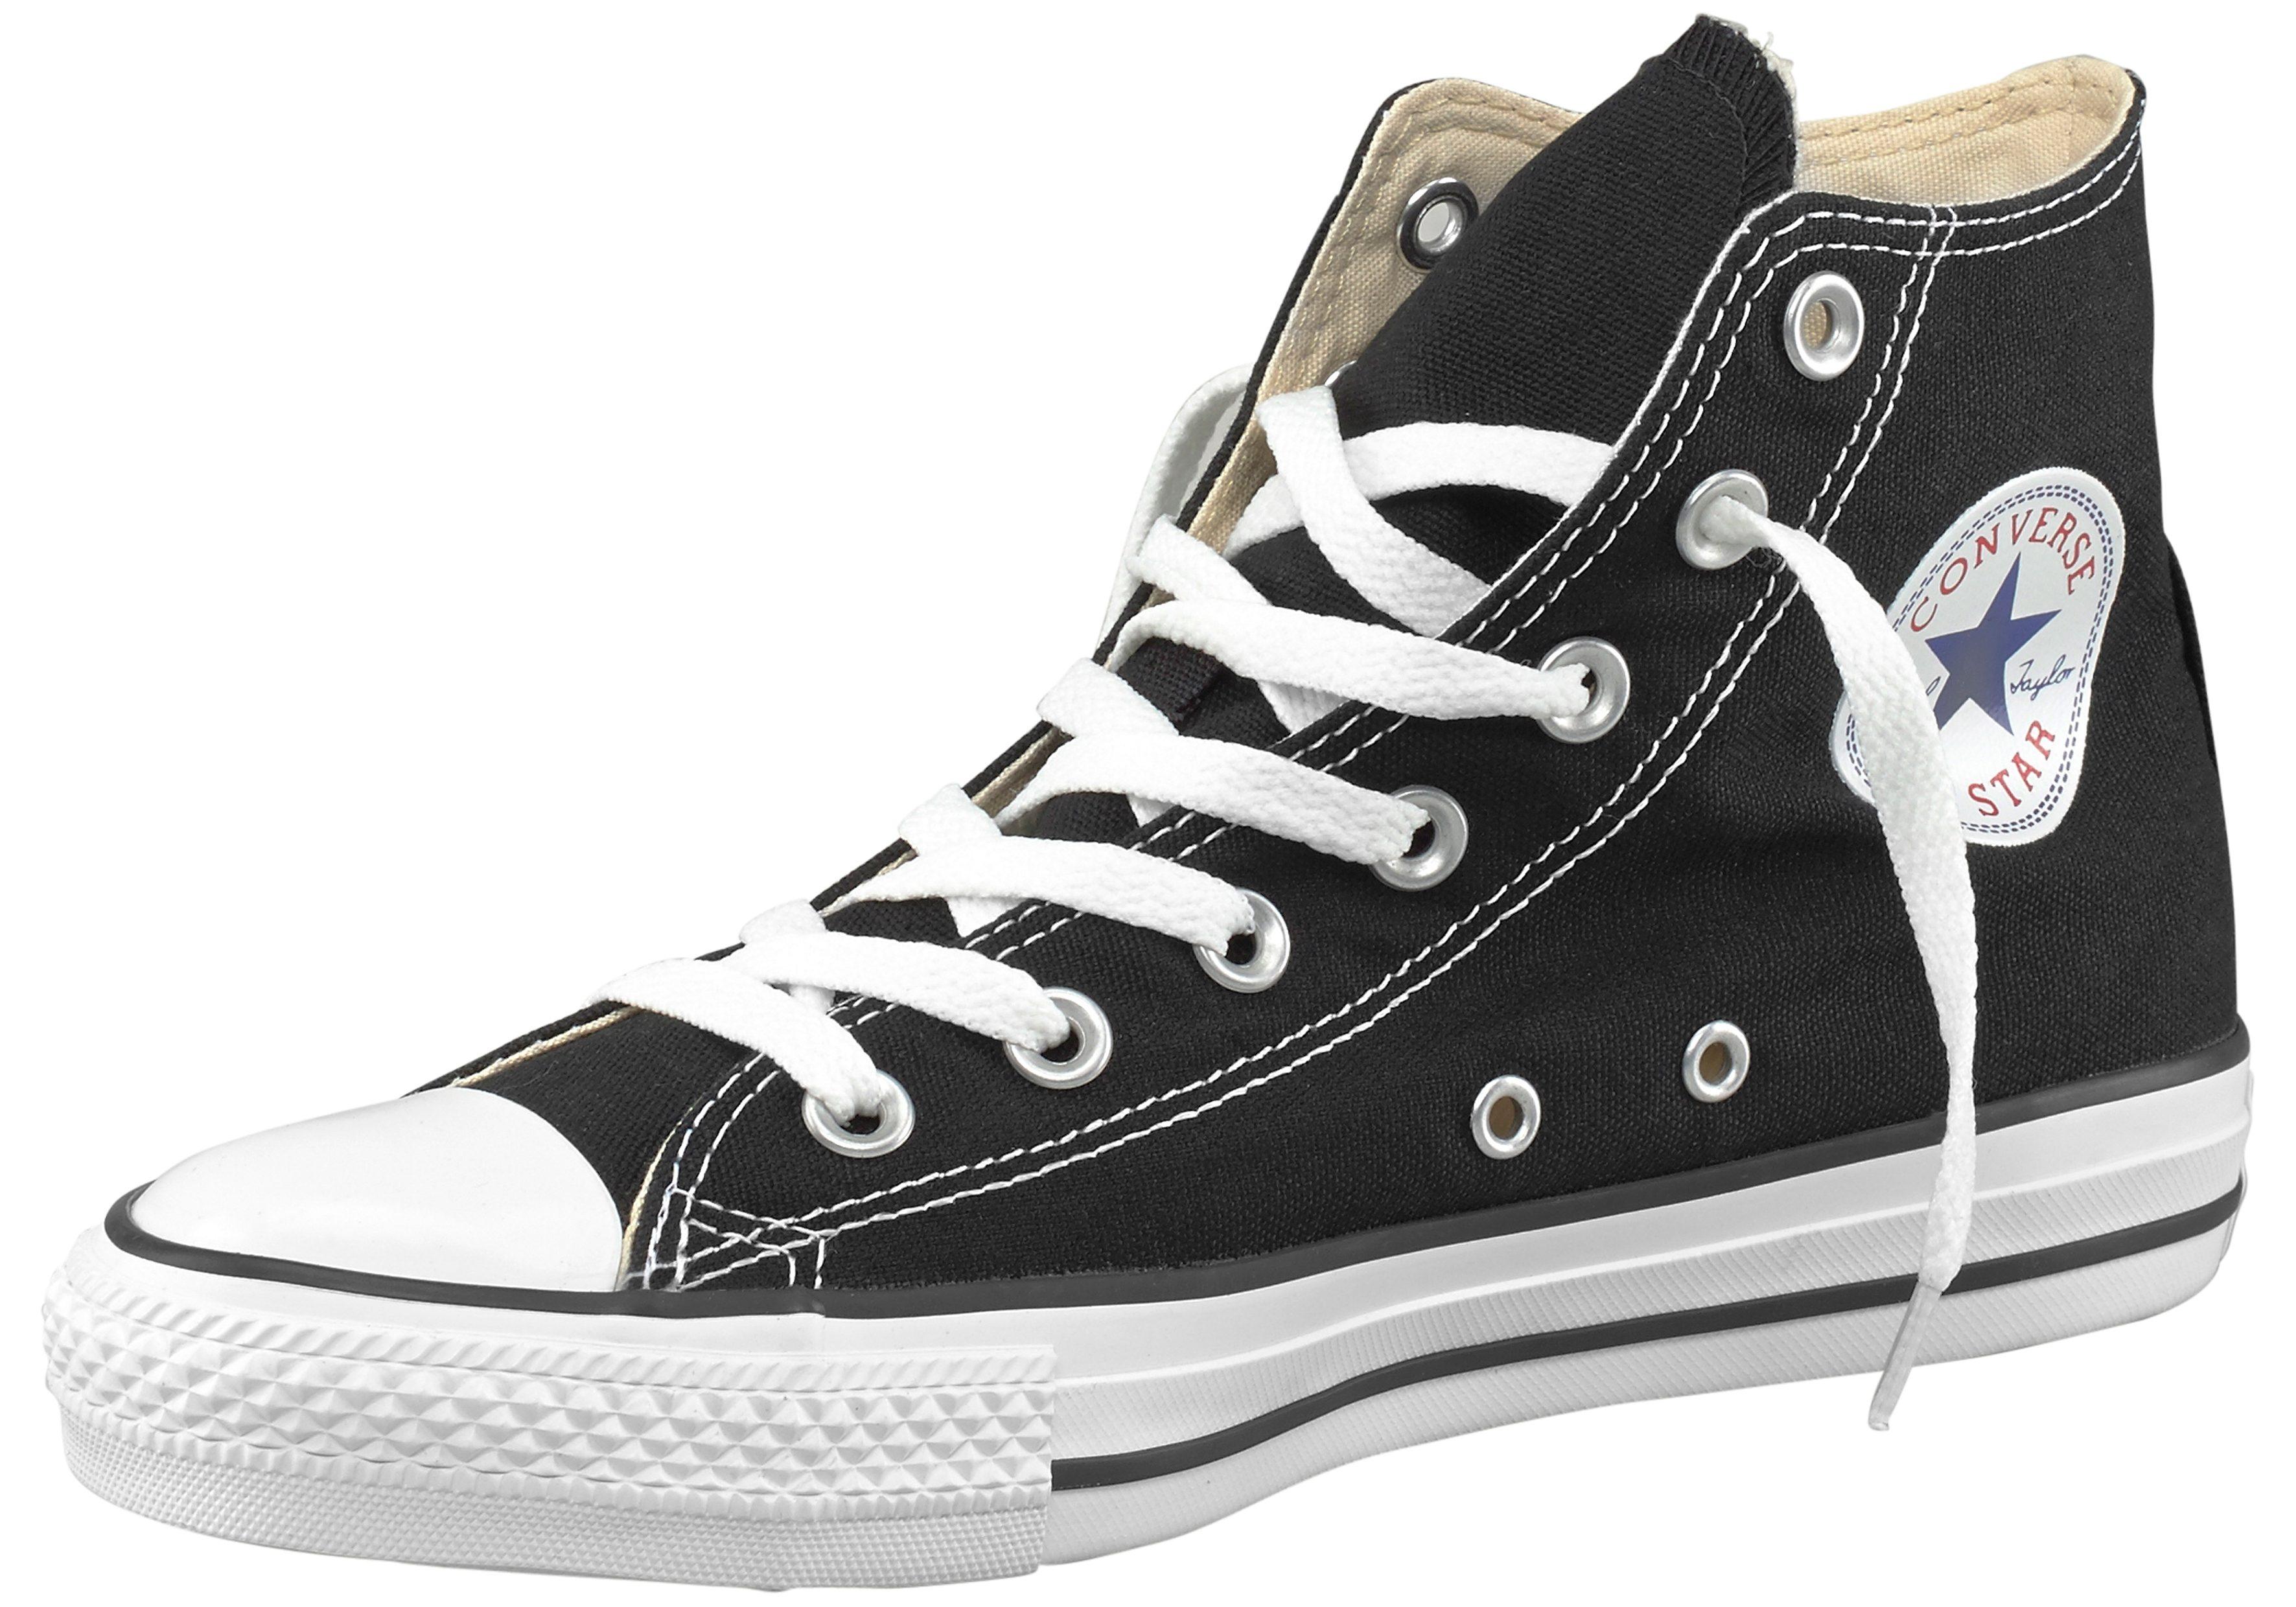 converse sneaker chuck taylor all star core hi per. Black Bedroom Furniture Sets. Home Design Ideas